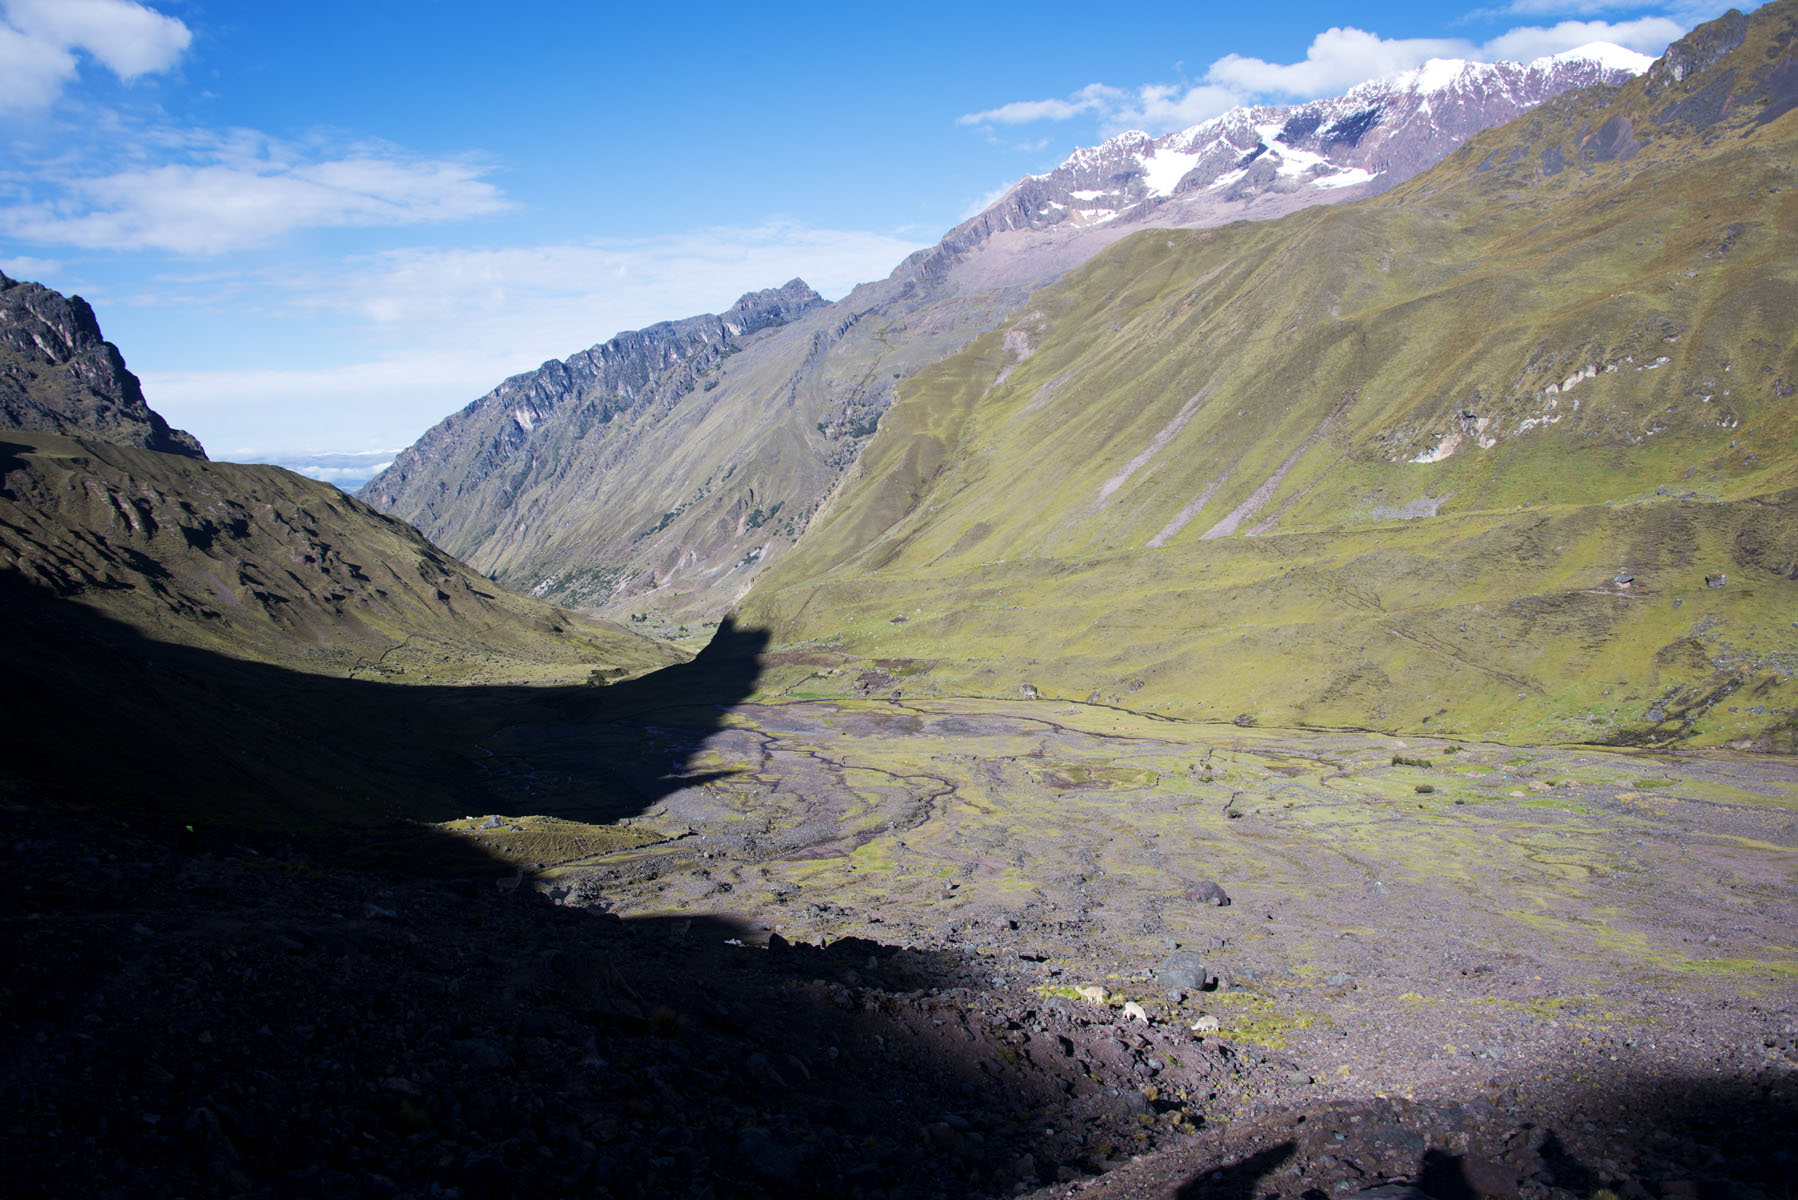 232-Peru-5-15_web.jpg